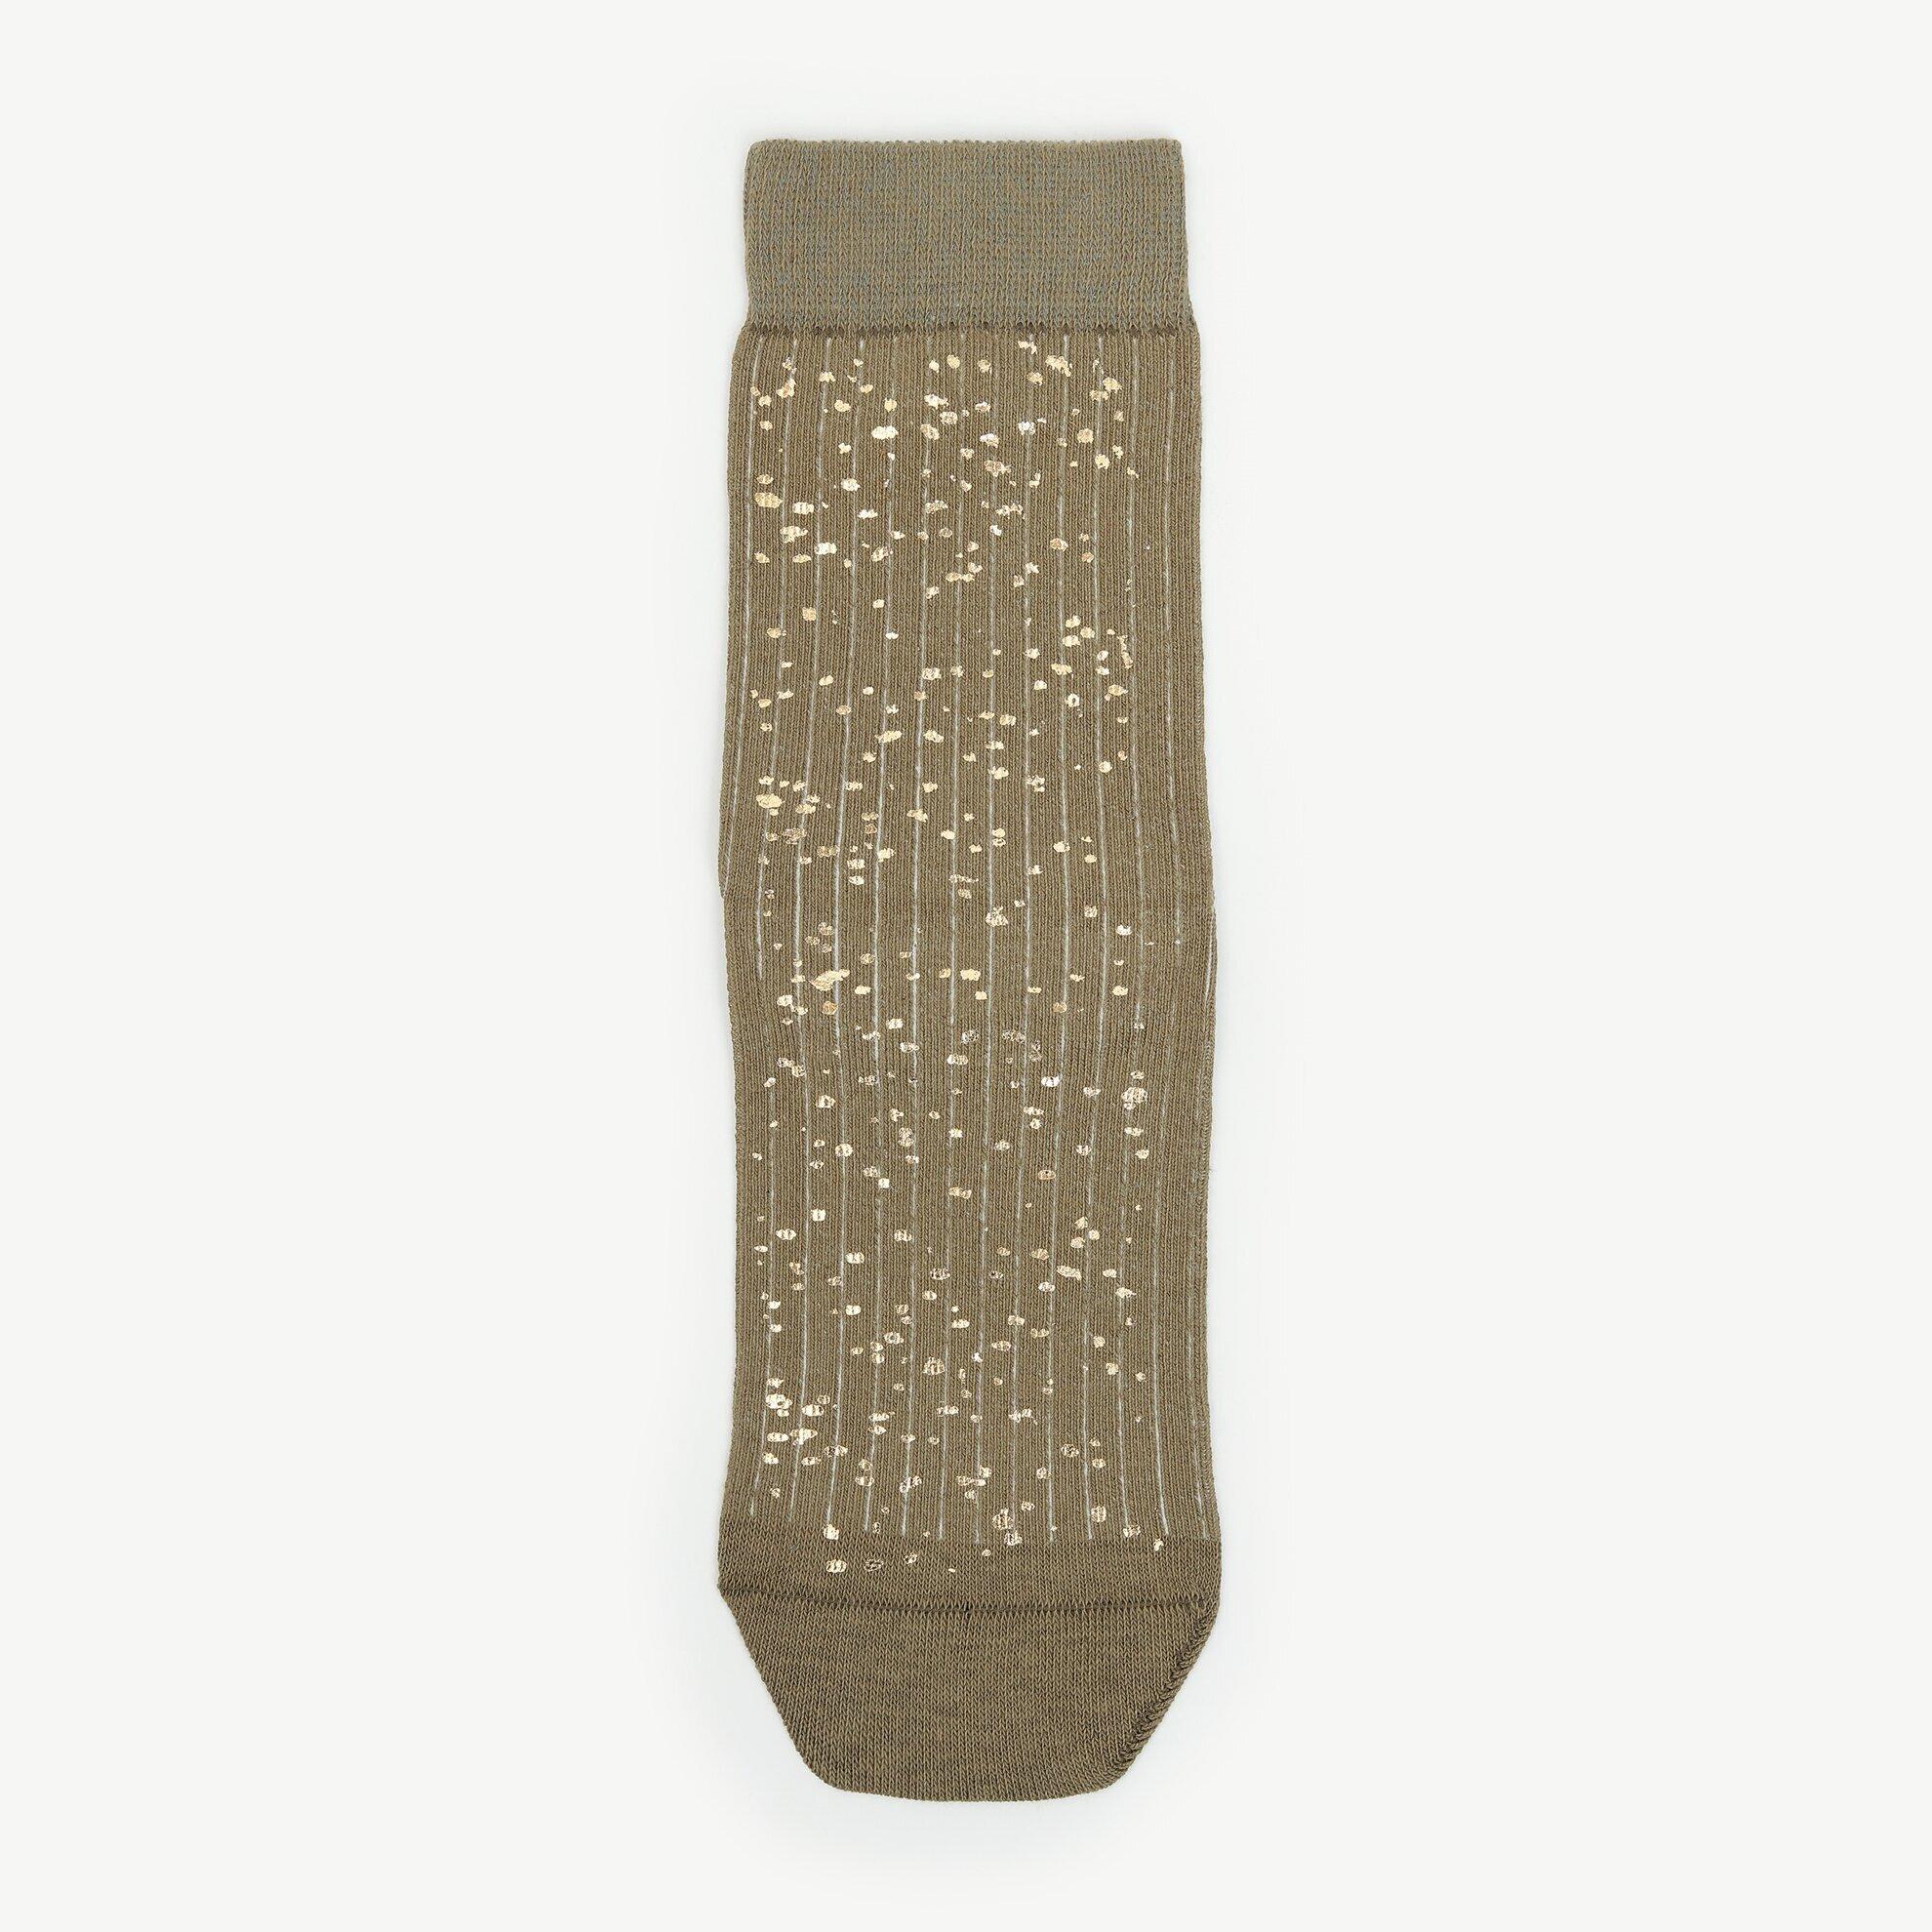 Varak Detaylı Çorap